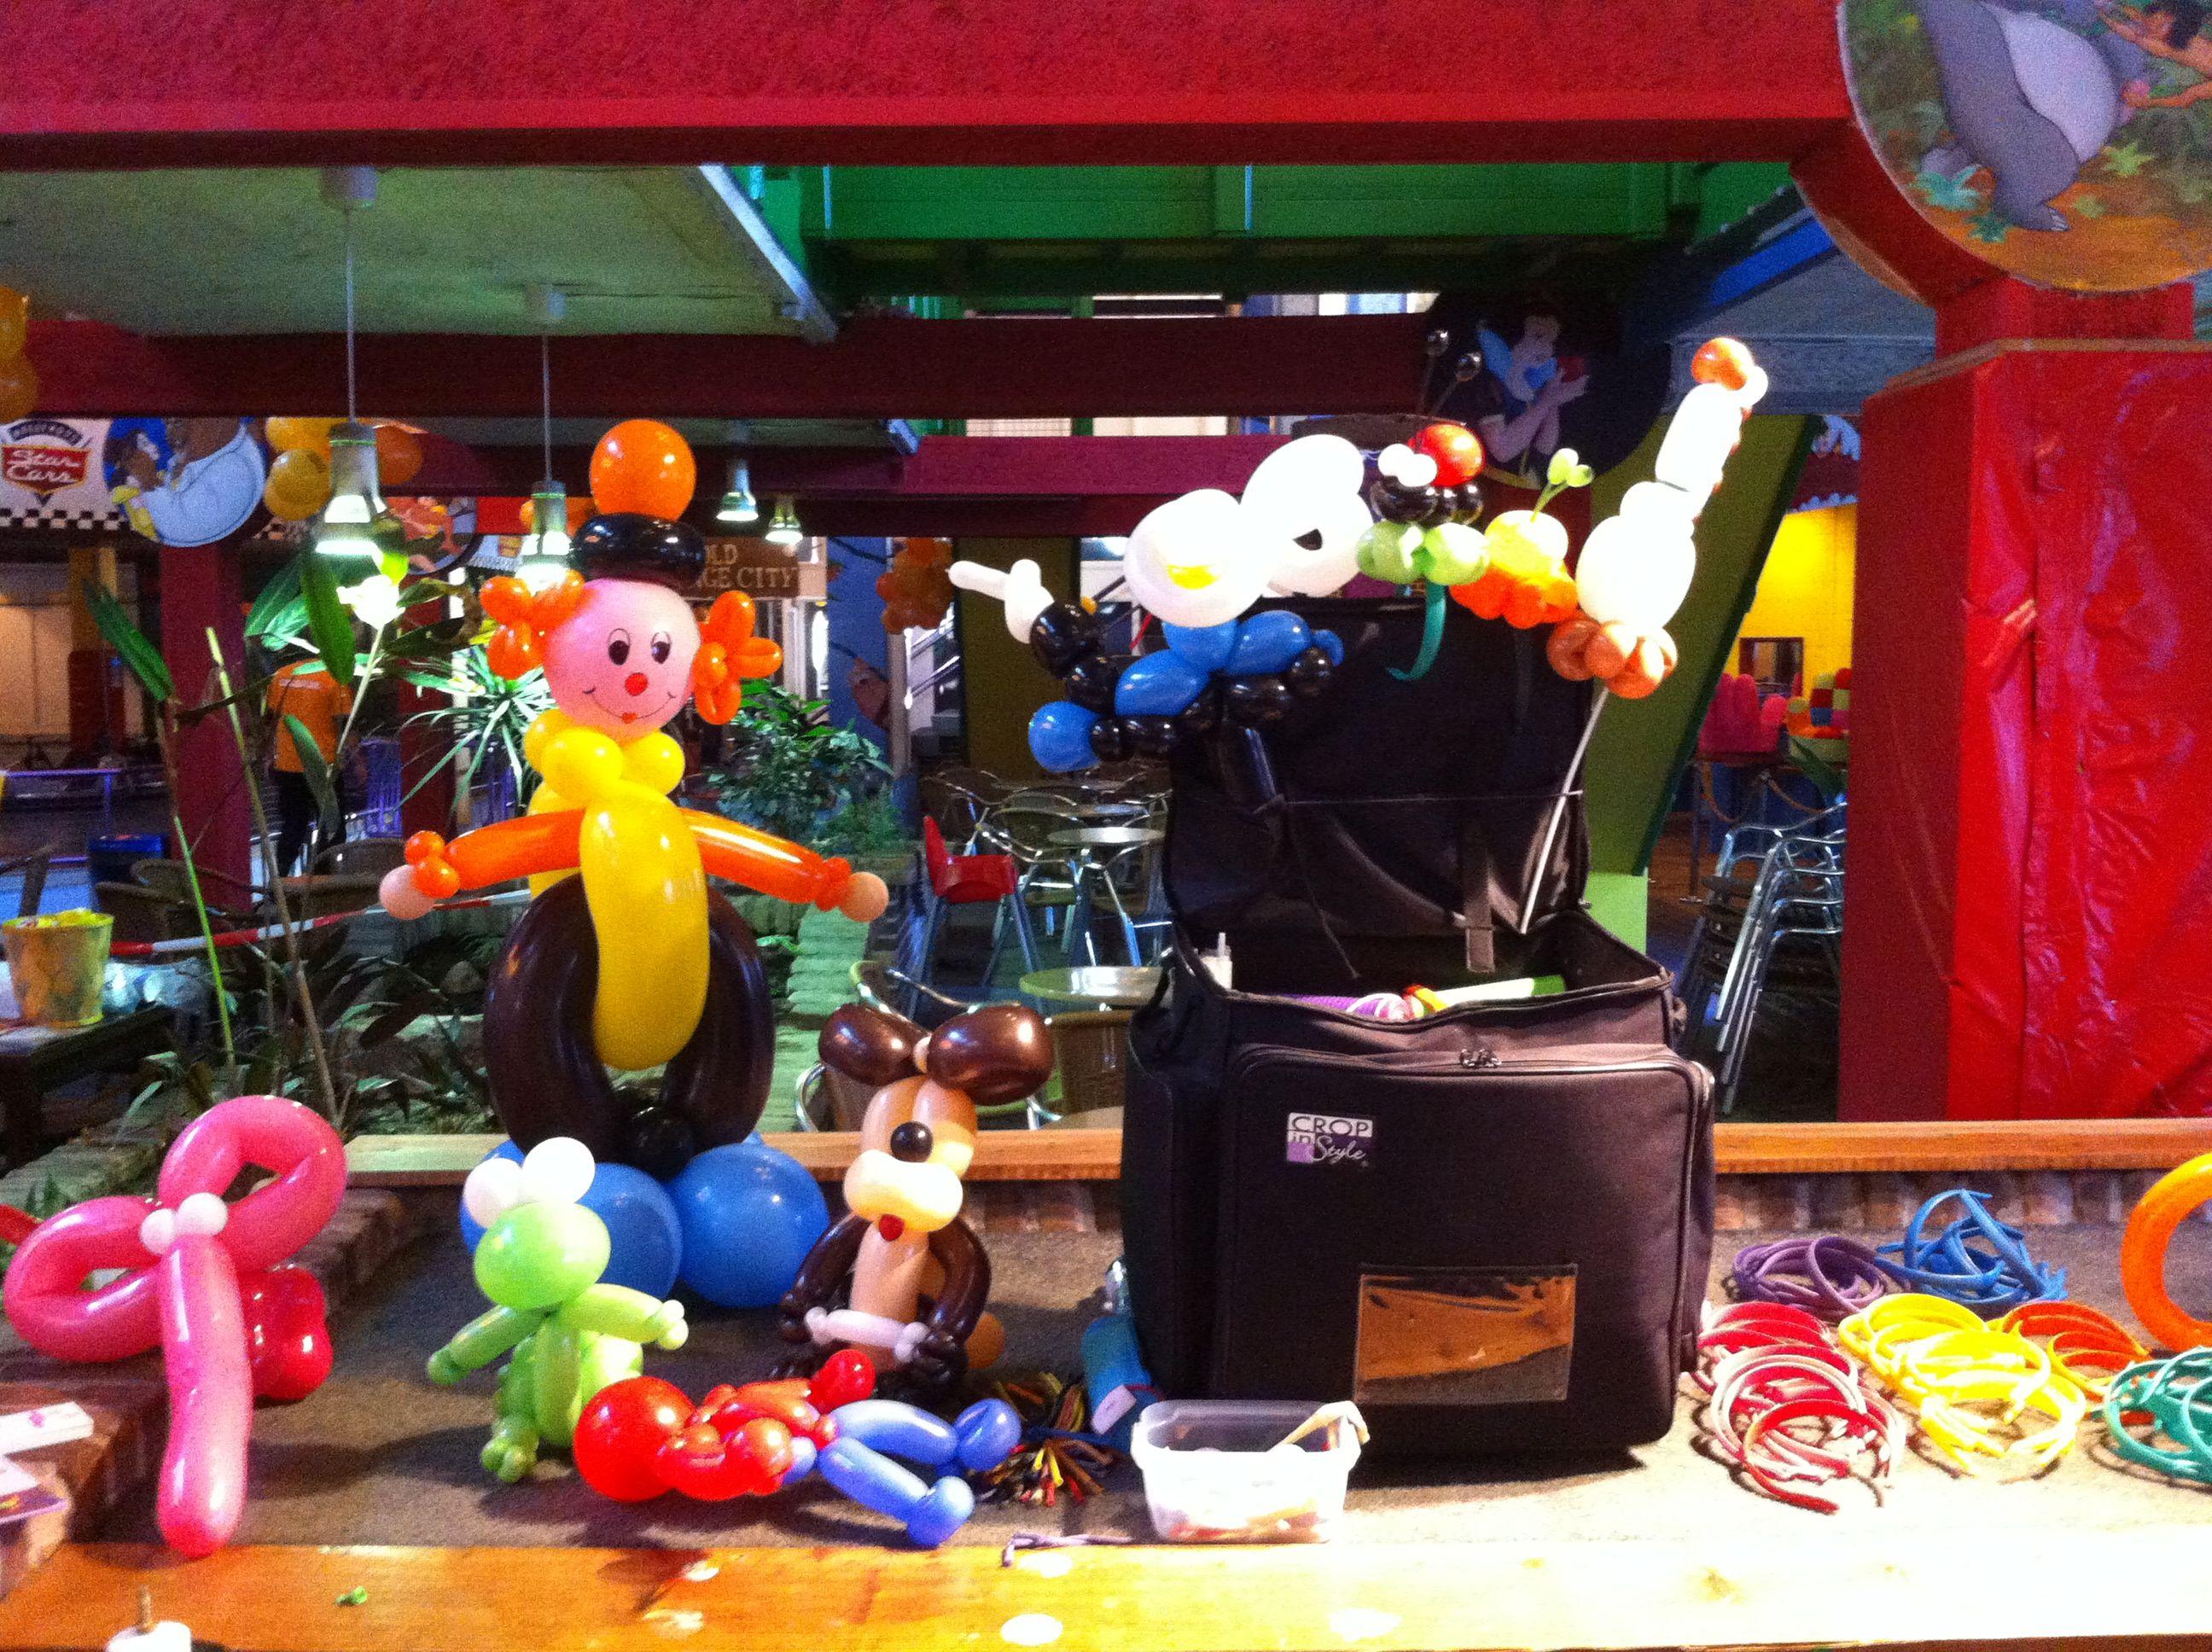 Mijn plekkie op de jumbo Mulder familiedag in speelstad oranje, Drenthe